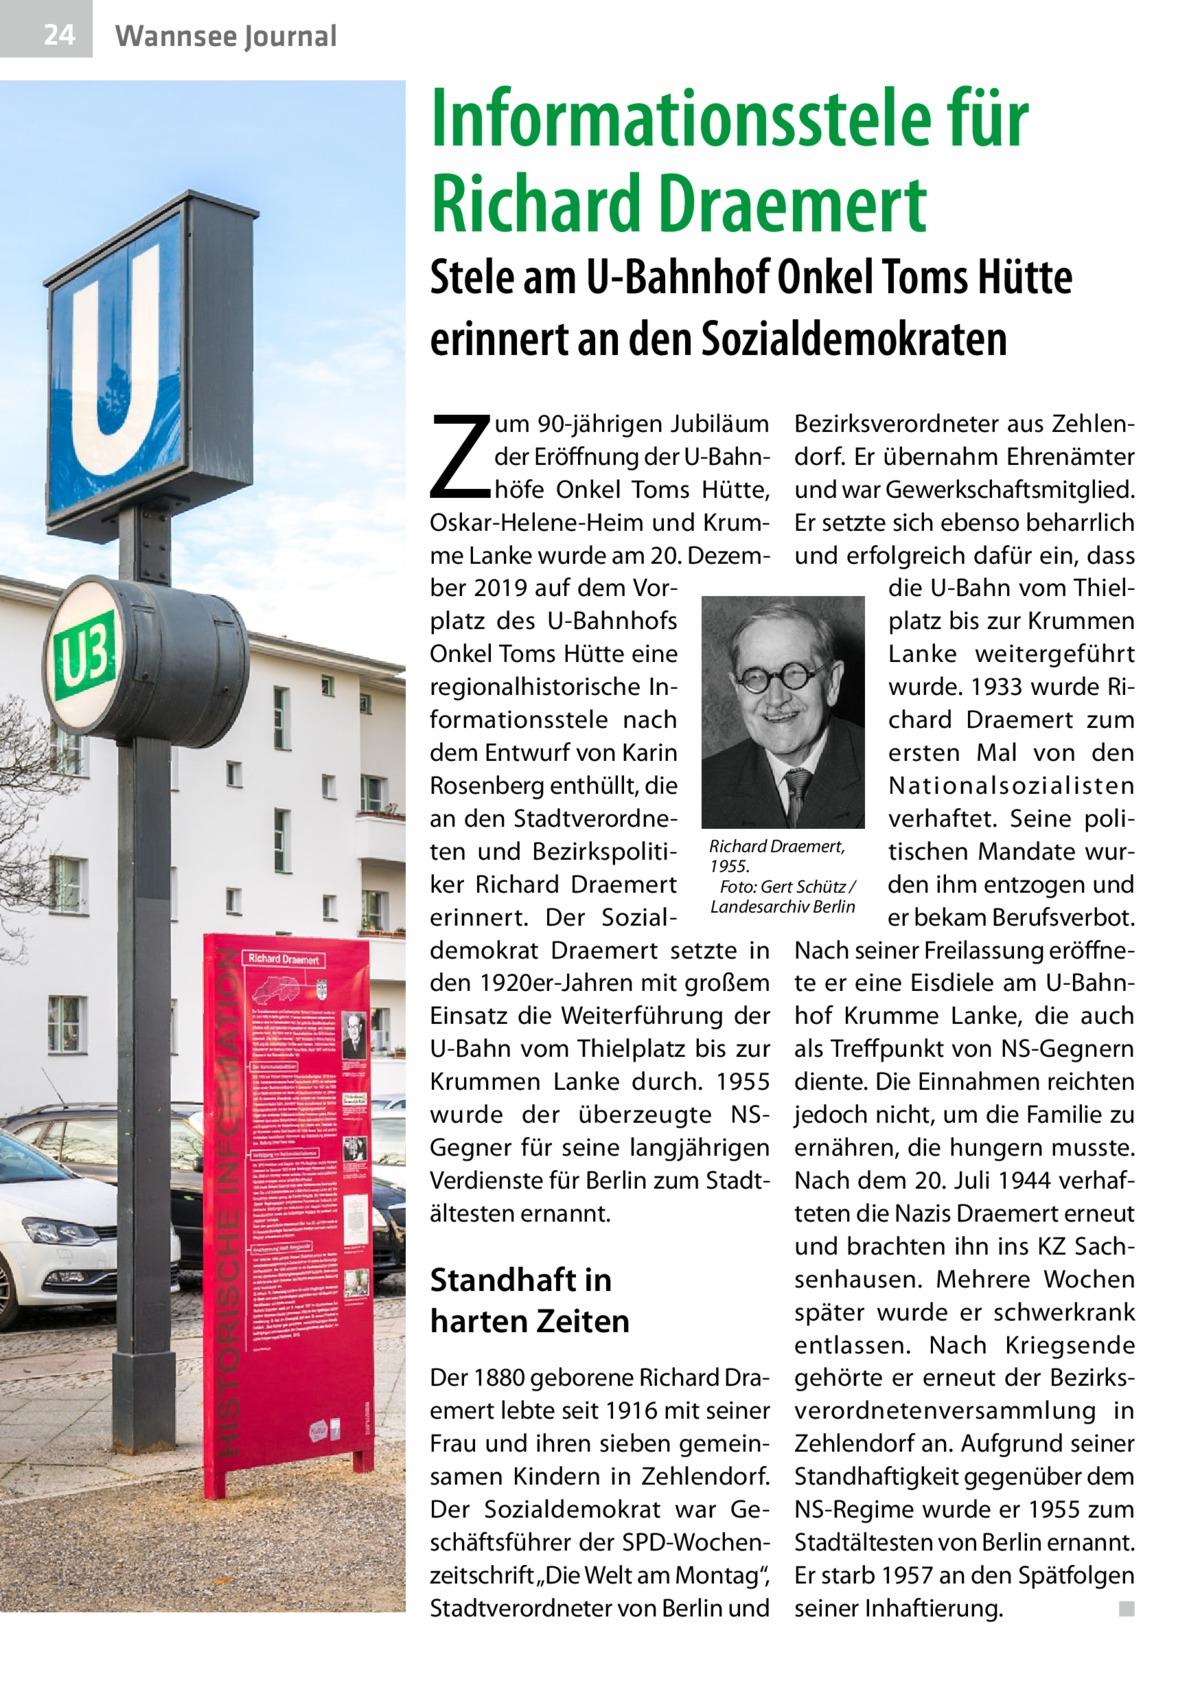 """24  Gesundheit Wannsee Journal  Informationsstele für Richard Draemert  Stele am U-Bahnhof Onkel Toms Hütte erinnert an den Sozialdemokraten  Z  um 90-jährigen Jubiläum Bezirksverordneter aus Zehlender Eröffnung der U-Bahn- dorf. Er übernahm Ehrenämter höfe Onkel Toms Hütte, und war Gewerkschaftsmitglied. Oskar-Helene-Heim und Krum- Er setzte sich ebenso beharrlich me Lanke wurde am 20.Dezem- und erfolgreich dafür ein, dass ber 2019 auf dem Vordie U-Bahn vom Thielplatz des U-Bahnhofs platz bis zur Krummen Onkel Toms Hütte eine Lanke weitergeführt regionalhistorische Inwurde. 1933 wurde Riformationsstele nach chard Draemert zum dem Entwurf von Karin ersten Mal von den Rosenberg enthüllt, die Nationalsozialisten an den Stadtverordneverhaftet. Seine poliDraemert, ten und Bezirkspoliti- Richard tischen Mandate wur1955. Foto: Gert Schütz / ker Richard Draemert den ihm entzogen und LandesarchivBerlin erinnert. Der Sozialer bekam Berufsverbot. demokrat Draemert setzte in Nach seiner Freilassung eröffneden 1920er-Jahren mit großem te er eine Eisdiele am U-BahnEinsatz die Weiterführung der hof Krumme Lanke, die auch U-Bahn vom Thielplatz bis zur als Treffpunkt von NS-Gegnern Krummen Lanke durch. 1955 diente. Die Einnahmen reichten wurde der überzeugte NS- jedoch nicht, um die Familie zu Gegner für seine langjährigen ernähren, die hungern musste. Verdienste für Berlin zum Stadt- Nach dem 20.Juli 1944 verhafteten die Nazis Draemert erneut ältesten ernannt. und brachten ihn ins KZSachsenhausen. Mehrere Wochen Standhaft in später wurde er schwerkrank harten Zeiten entlassen. Nach Kriegsende Der 1880 geborene Richard Dra- gehörte er erneut der Bezirksemert lebte seit 1916 mit seiner verordnetenversammlung in Frau und ihren sieben gemein- Zehlendorf an. Aufgrund seiner samen Kindern in Zehlendorf. Standhaftigkeit gegenüber dem Der Sozialdemokrat war Ge- NS-Regime wurde er 1955 zum schäftsführer der SPD-Wochen- Stadtältesten von Berlin ernannt. zeitschrift """"Die Welt am Montag"""", Er """